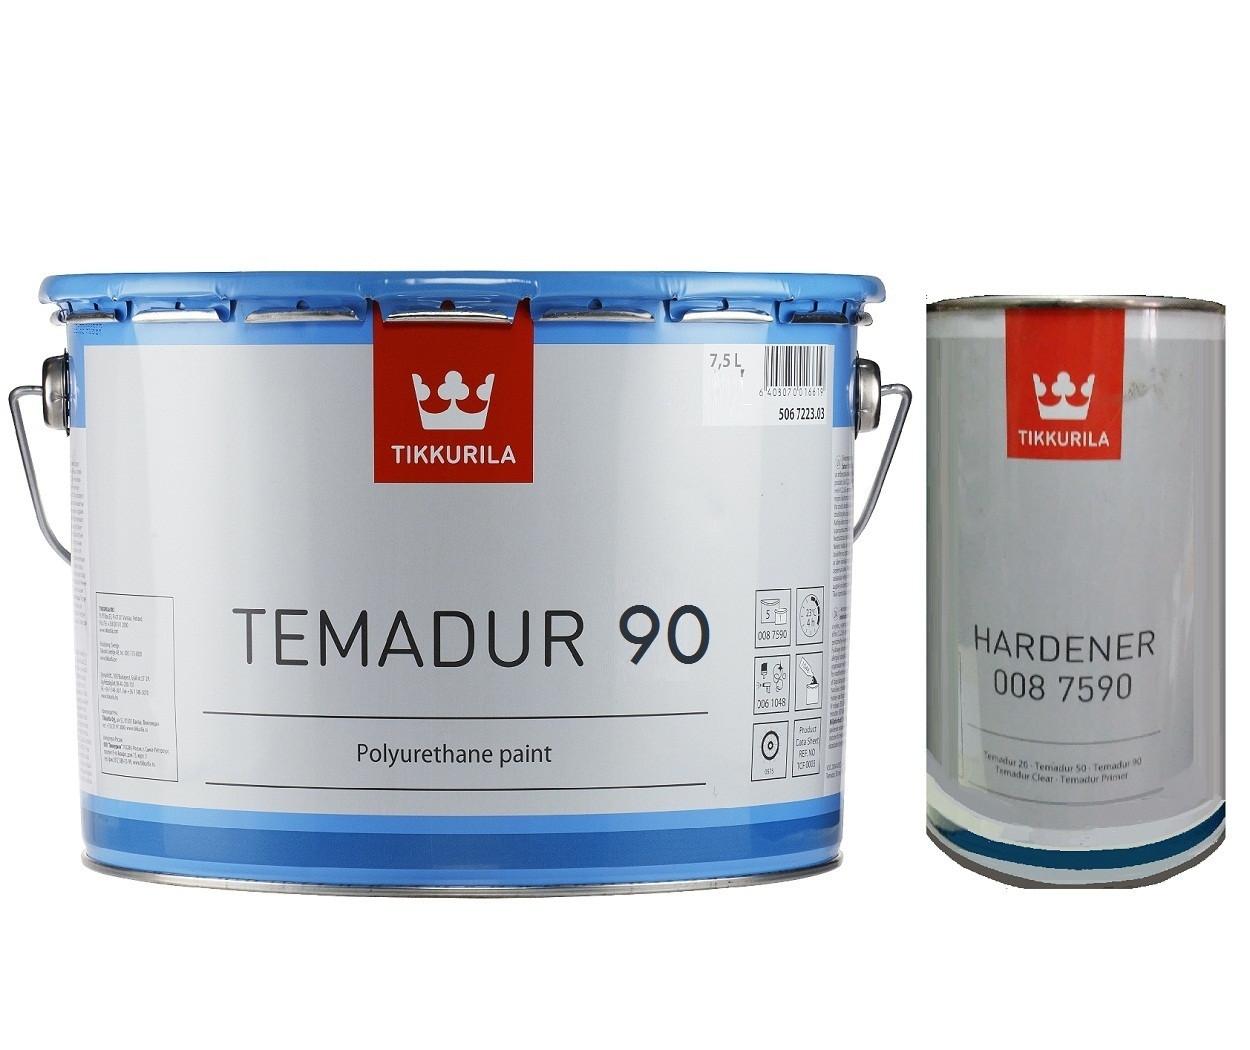 Эмаль полиуретановая TIKKURILA TEMADUR 90 износостойкая, TСL-транспарентный, 7.5+1.5л